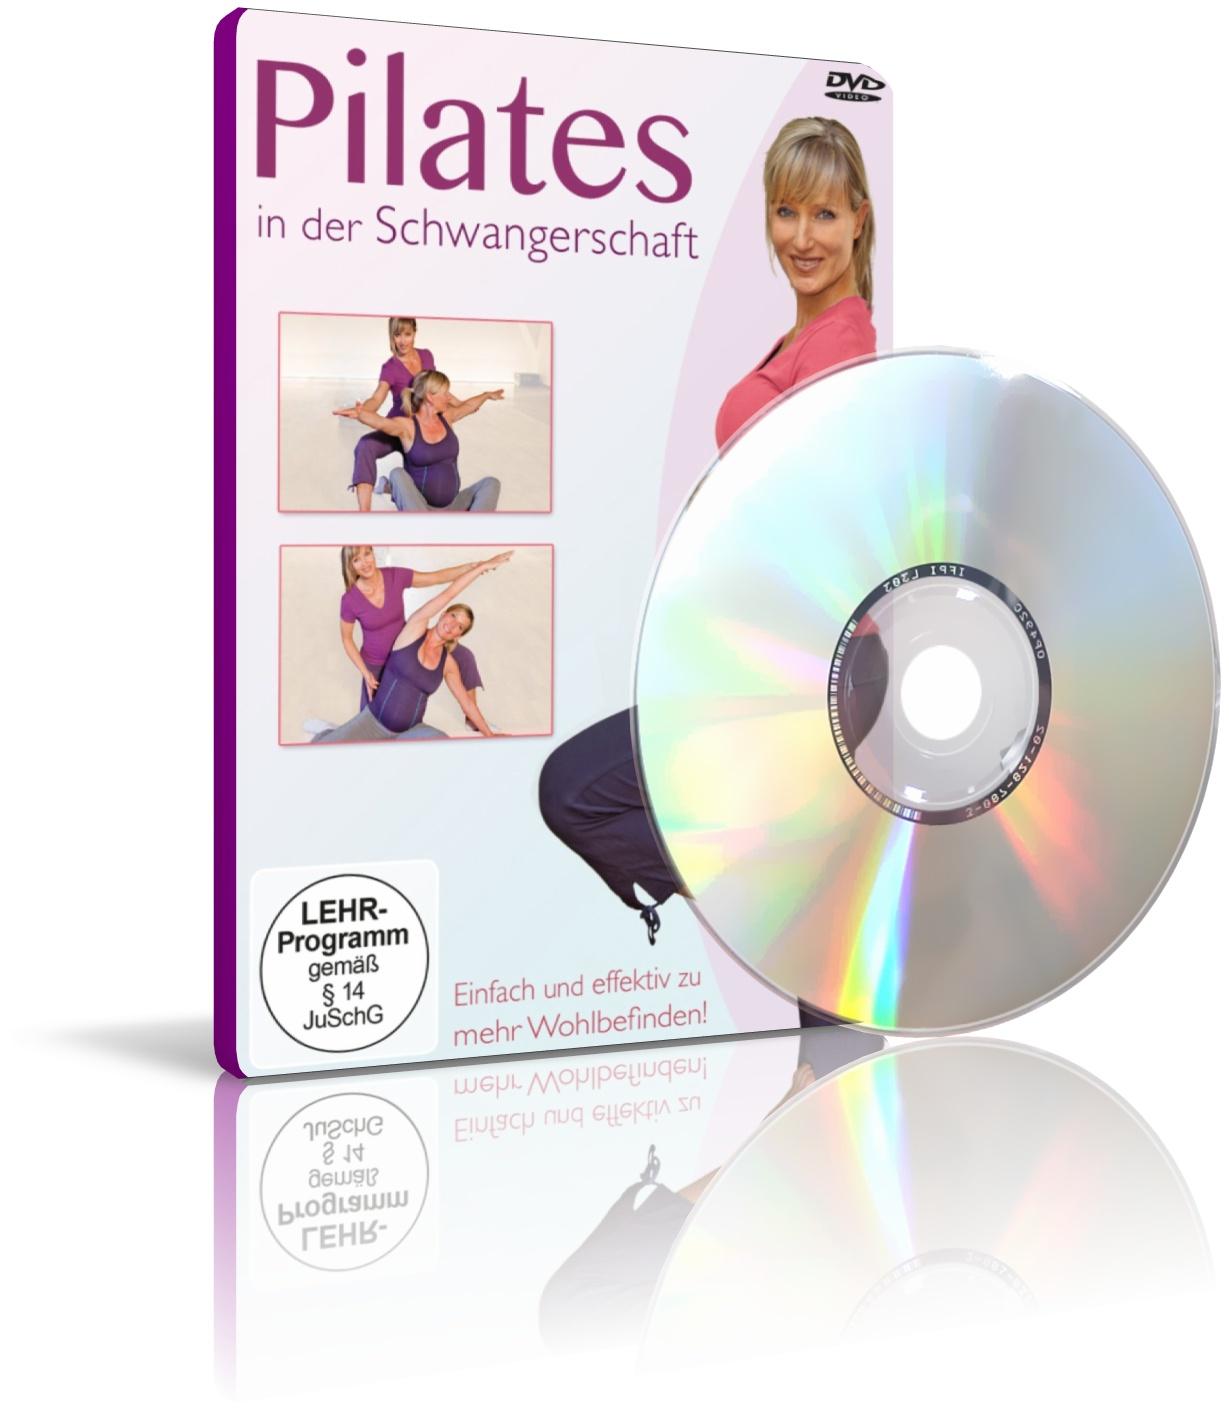 Pilates in der Schwangerschaft mit Ines Vogel (DVD)